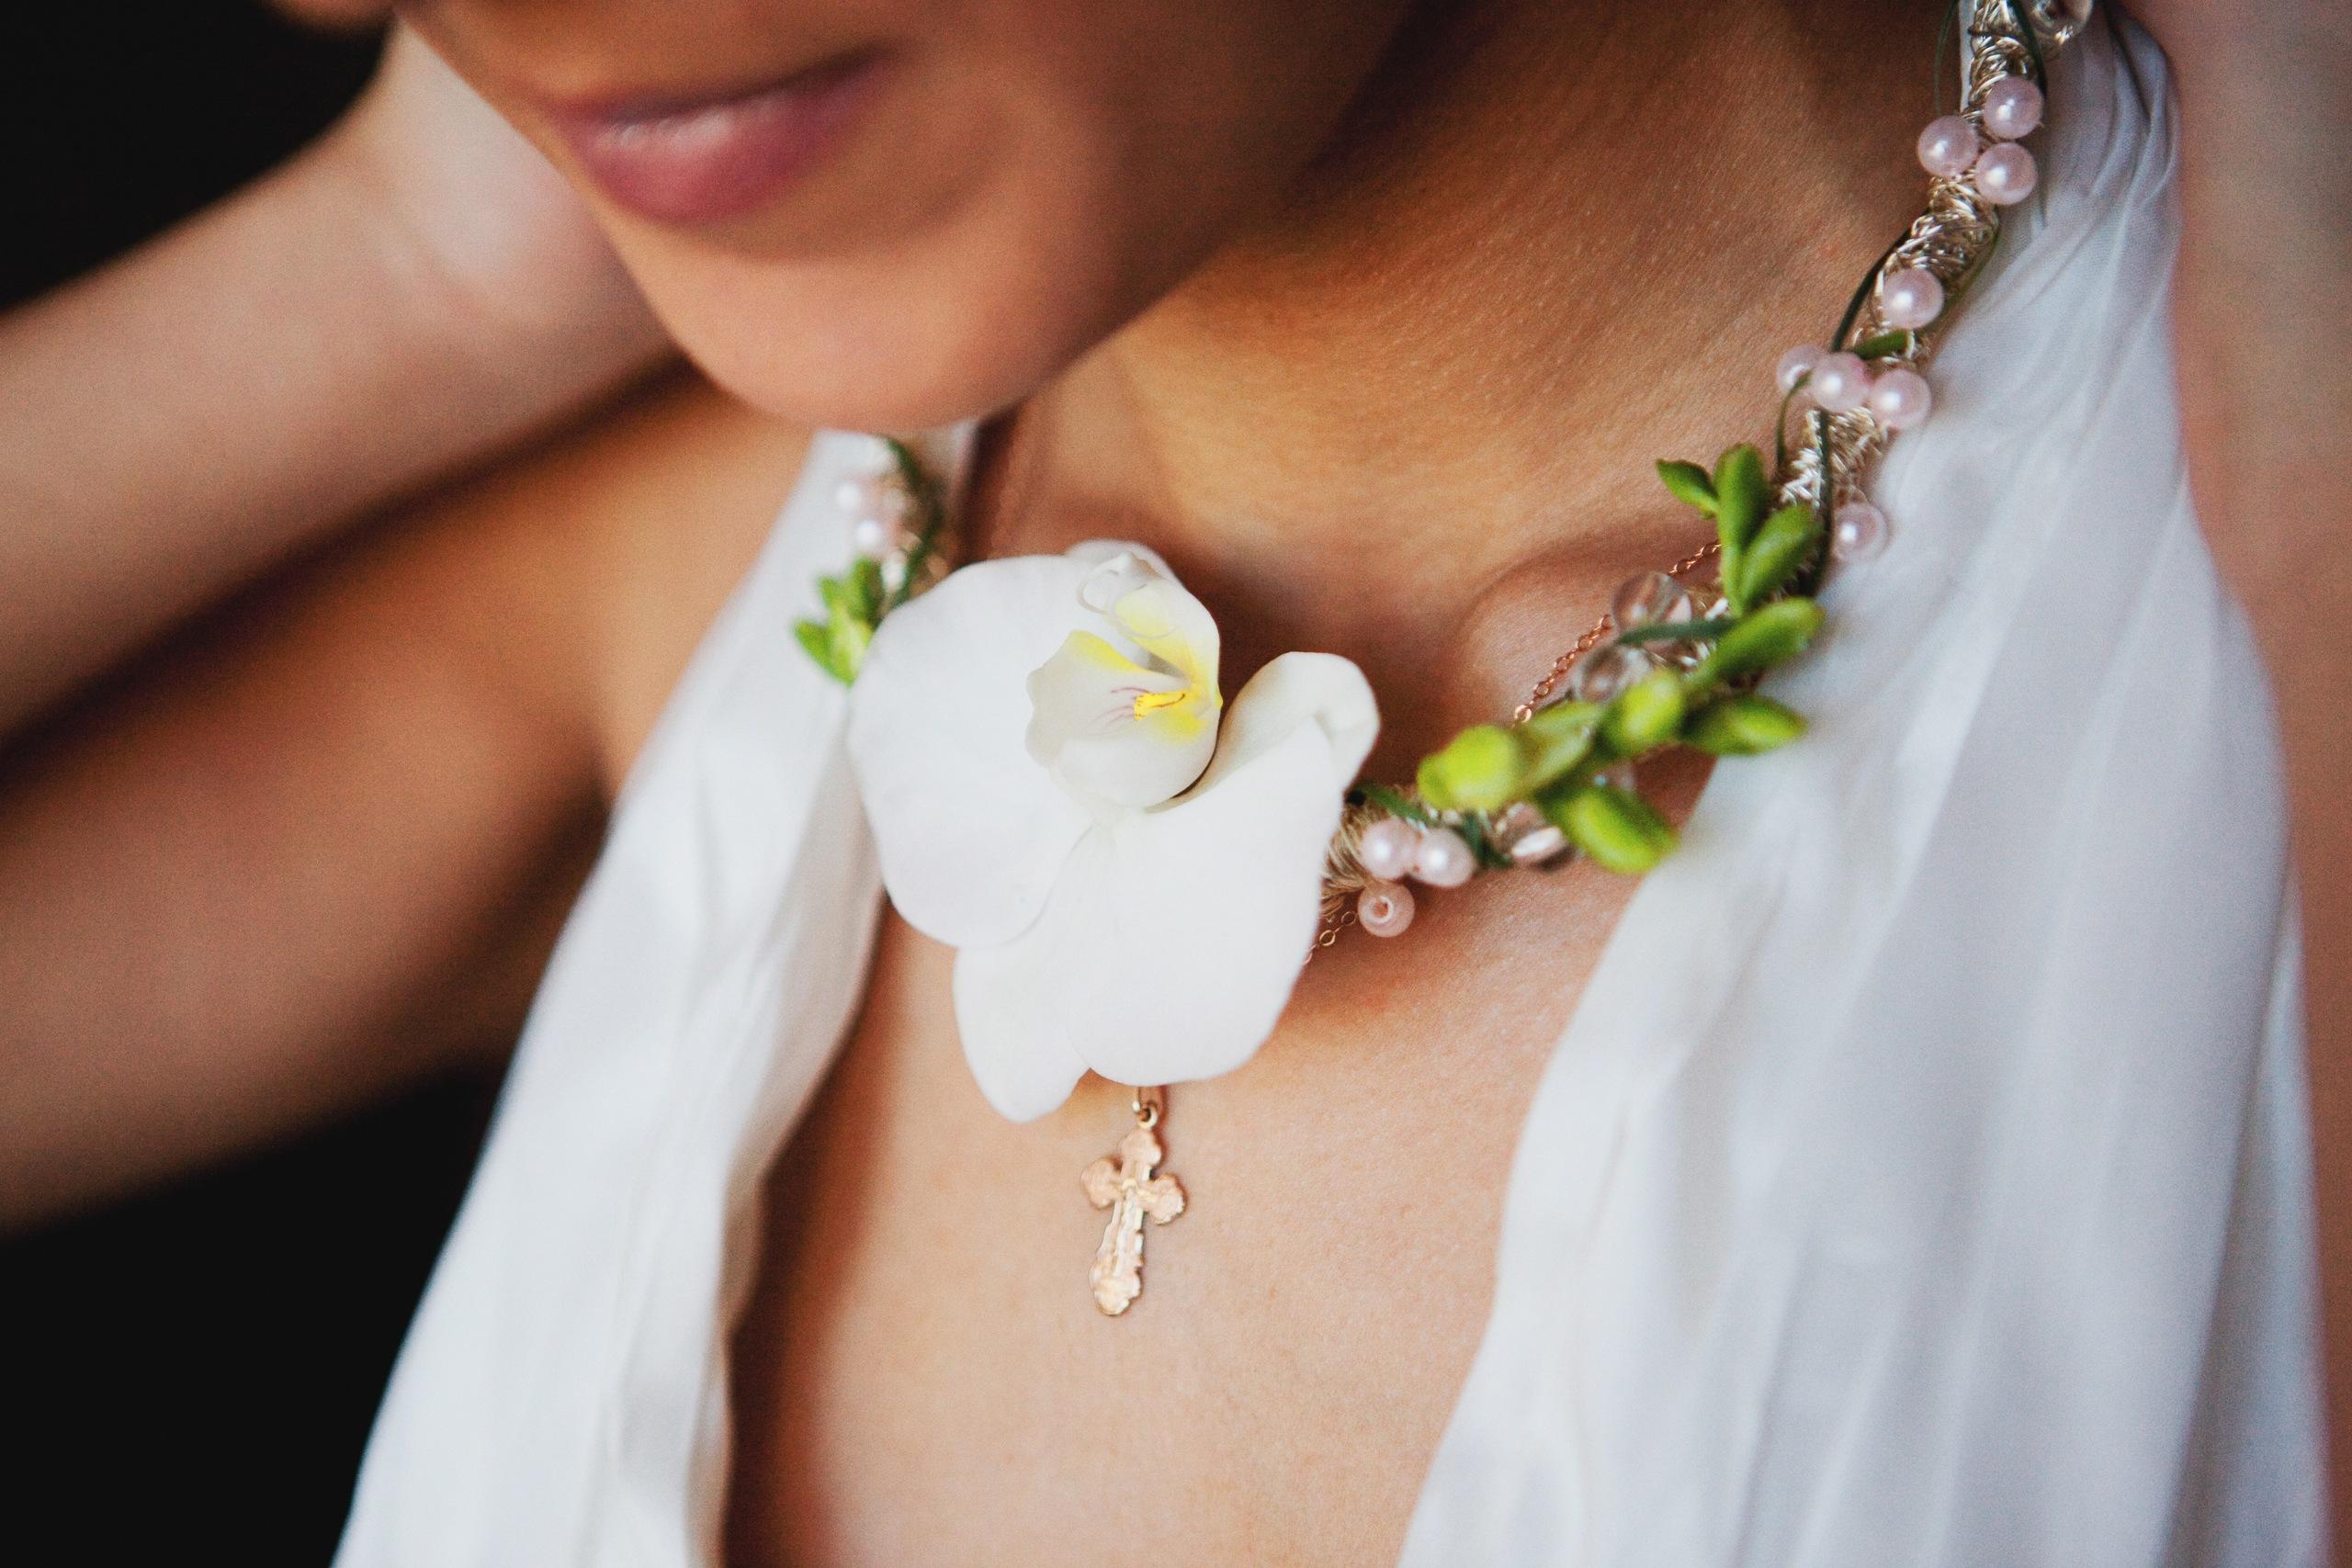 Как сделать украшения из живых цветов и эпоксидной смолы 11